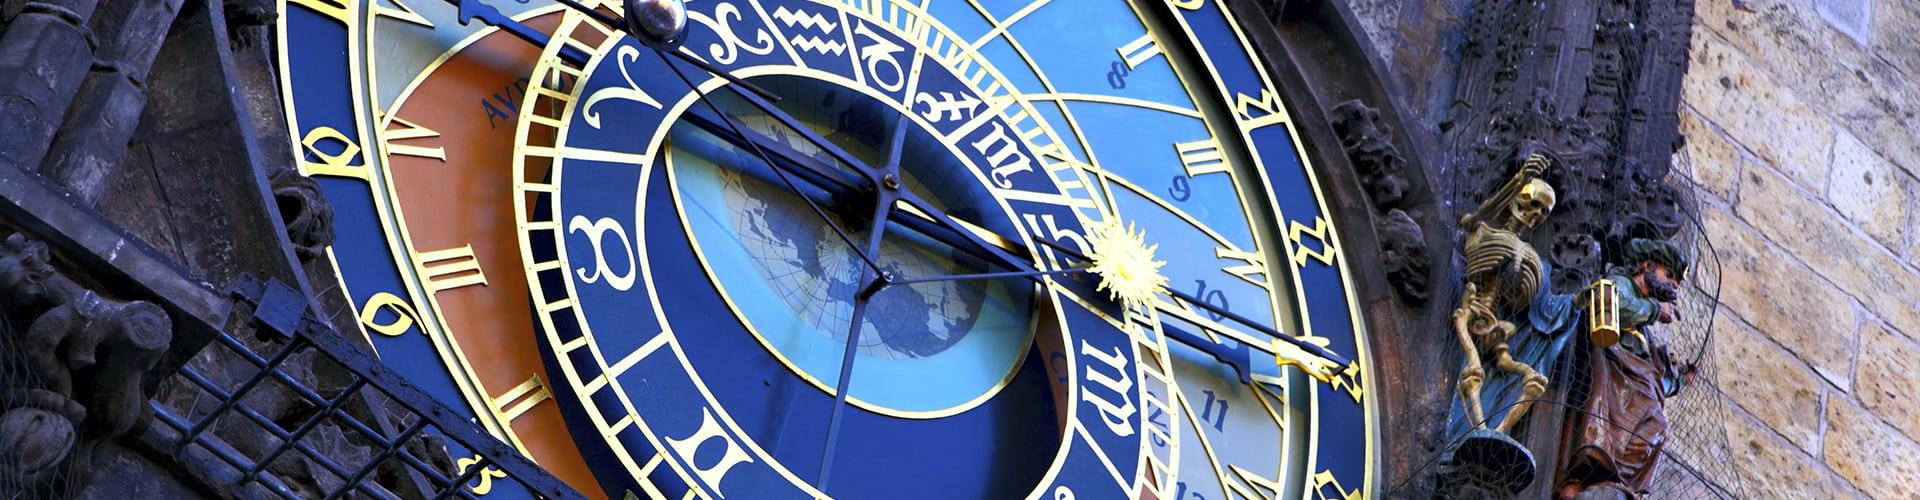 prazsky orloj eurostudy